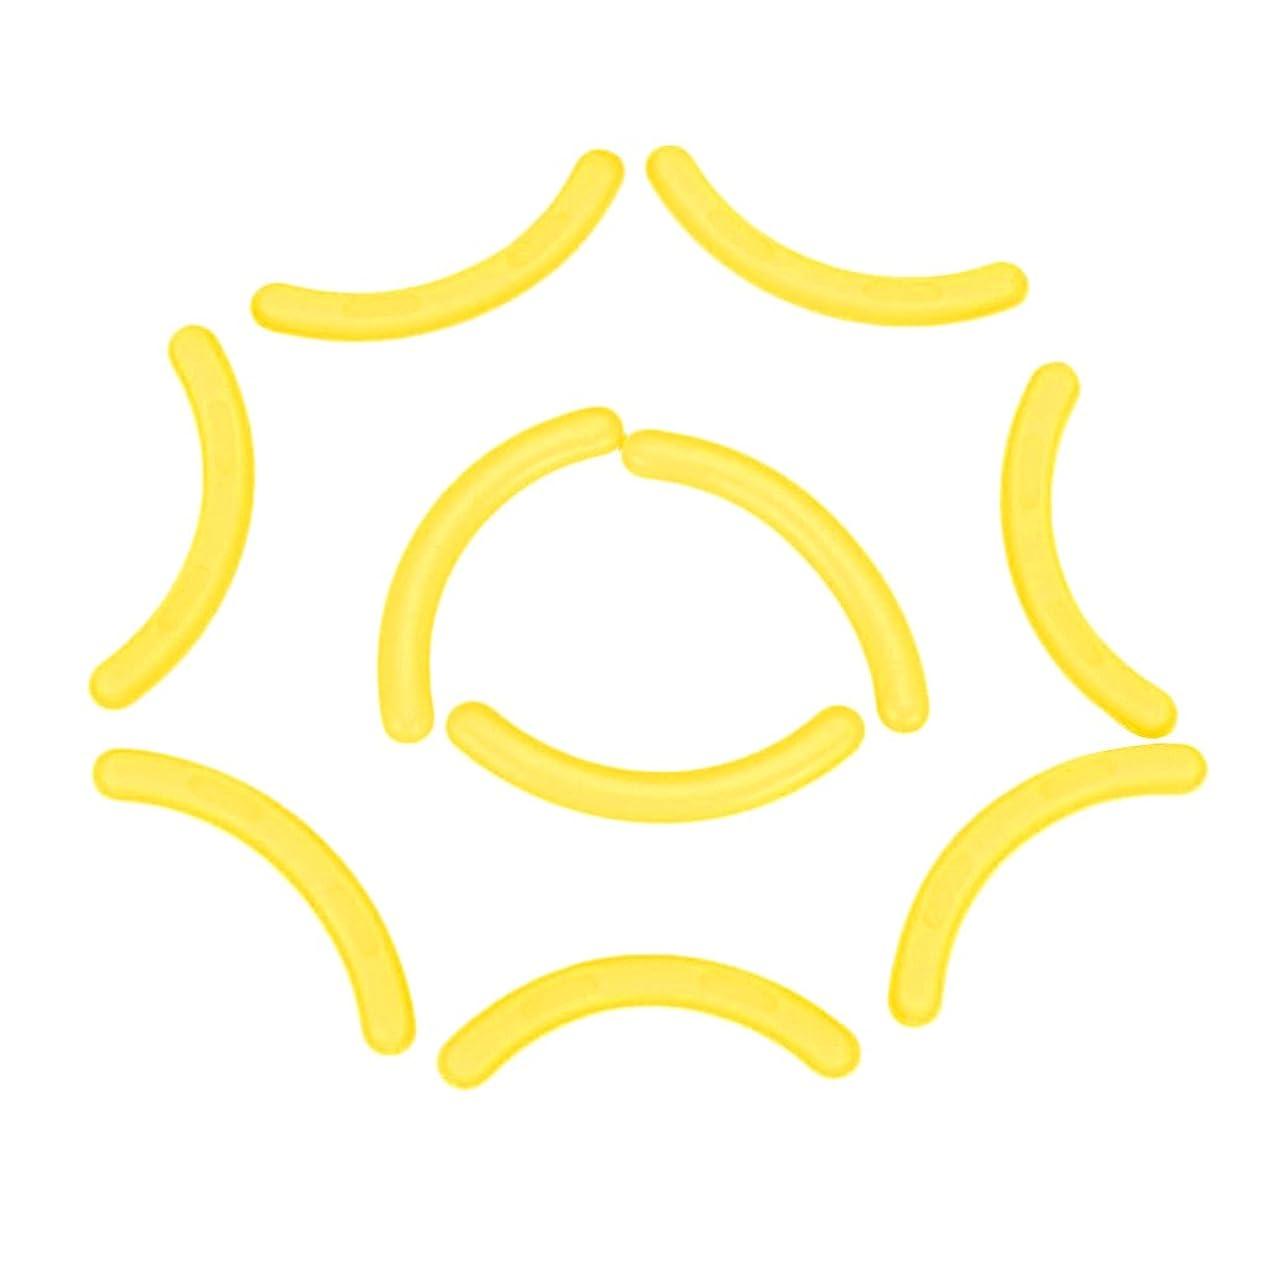 暴君地獄割合Falseアイラッシュエクステンションショーディスプレイスタンドホルダーのための10のシリコーンストリップのセット - 黄